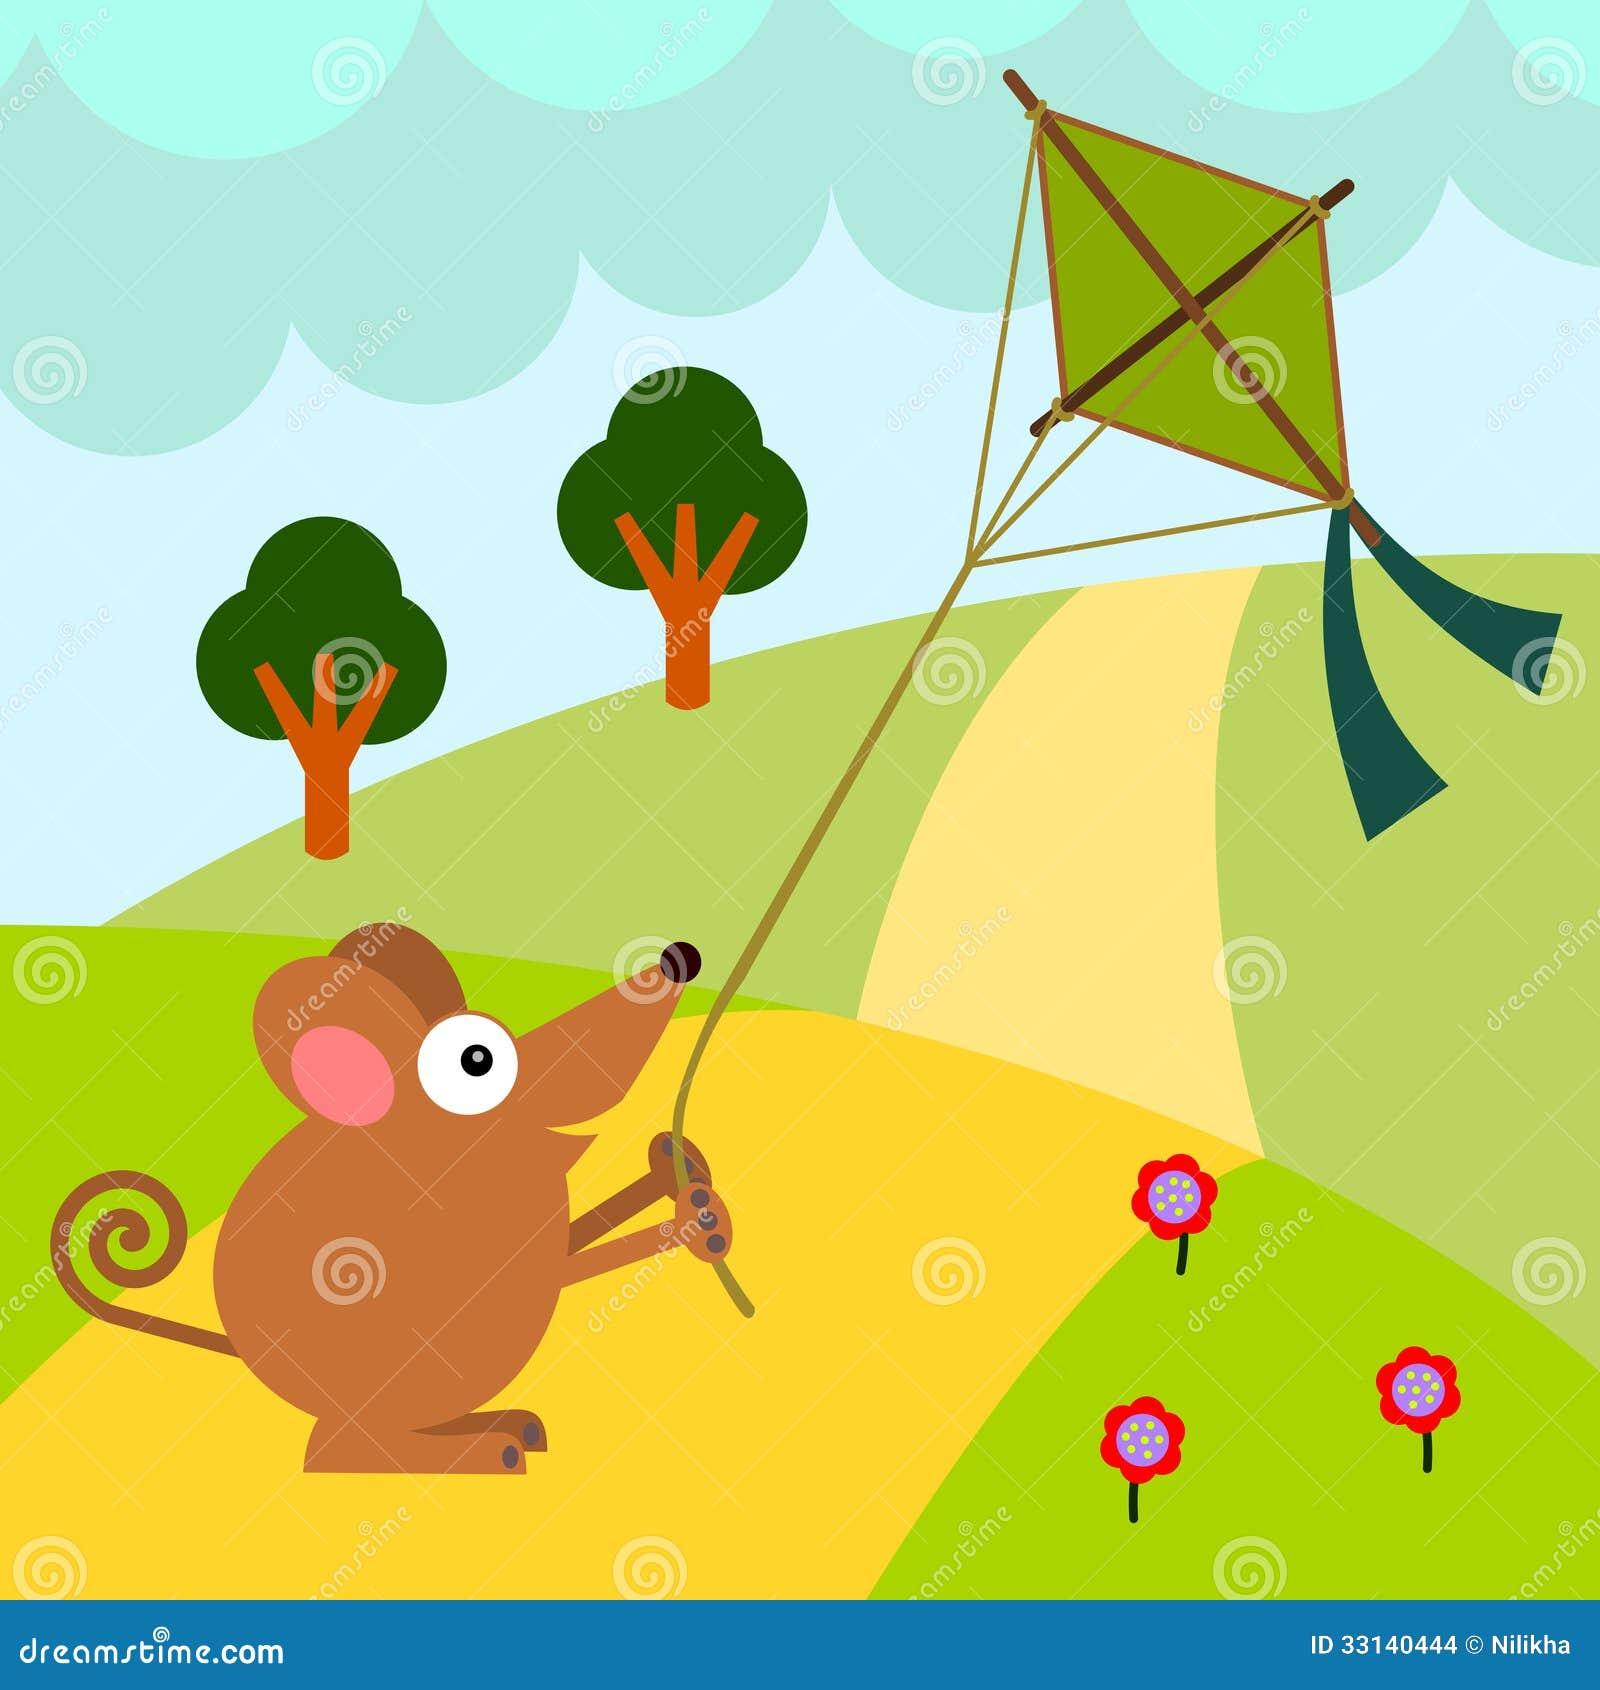 flying kite illustration - photo #46